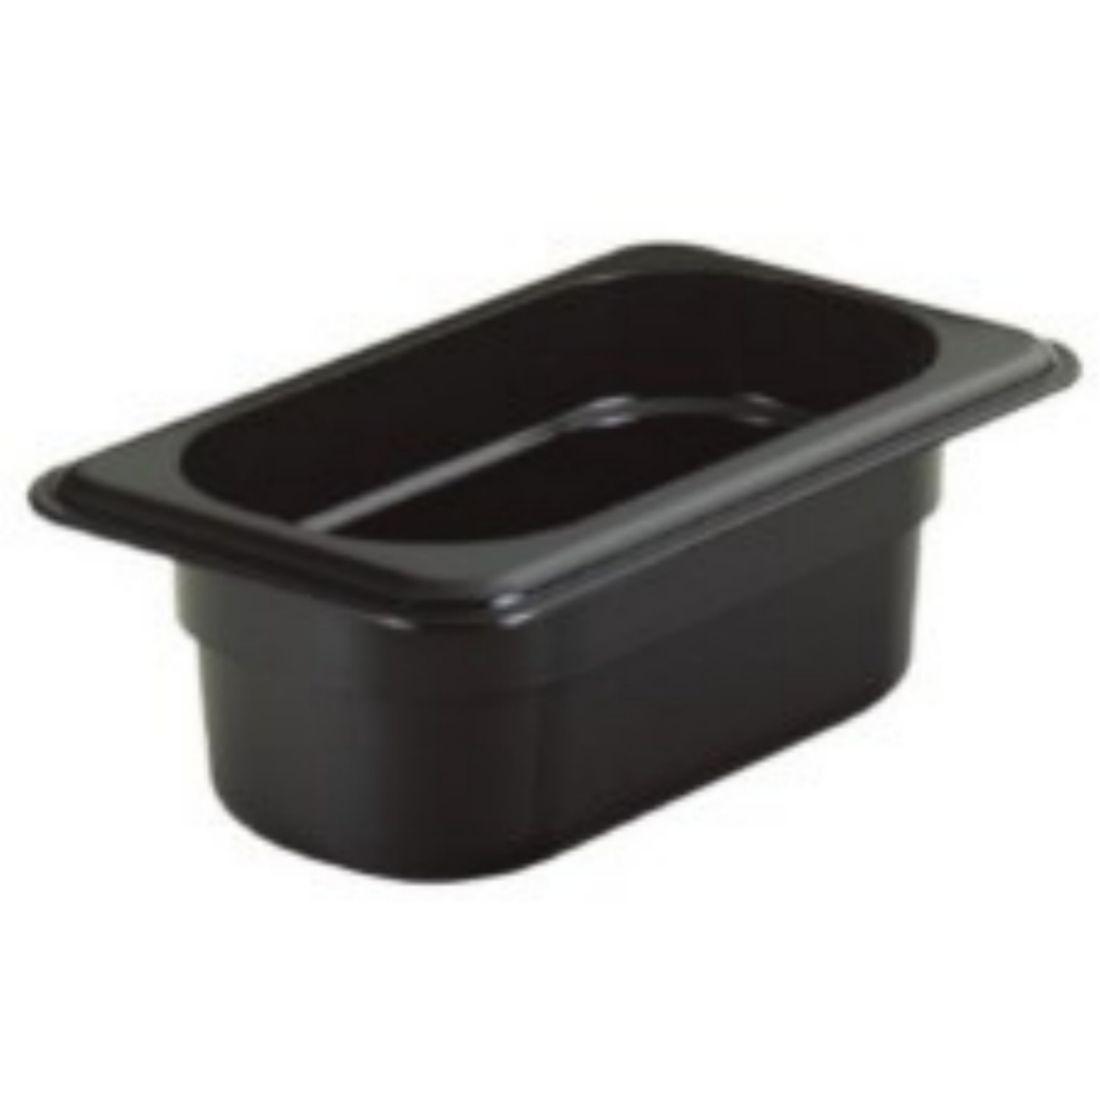 Gastronádoba polykarbonátová GN 1/3, černá